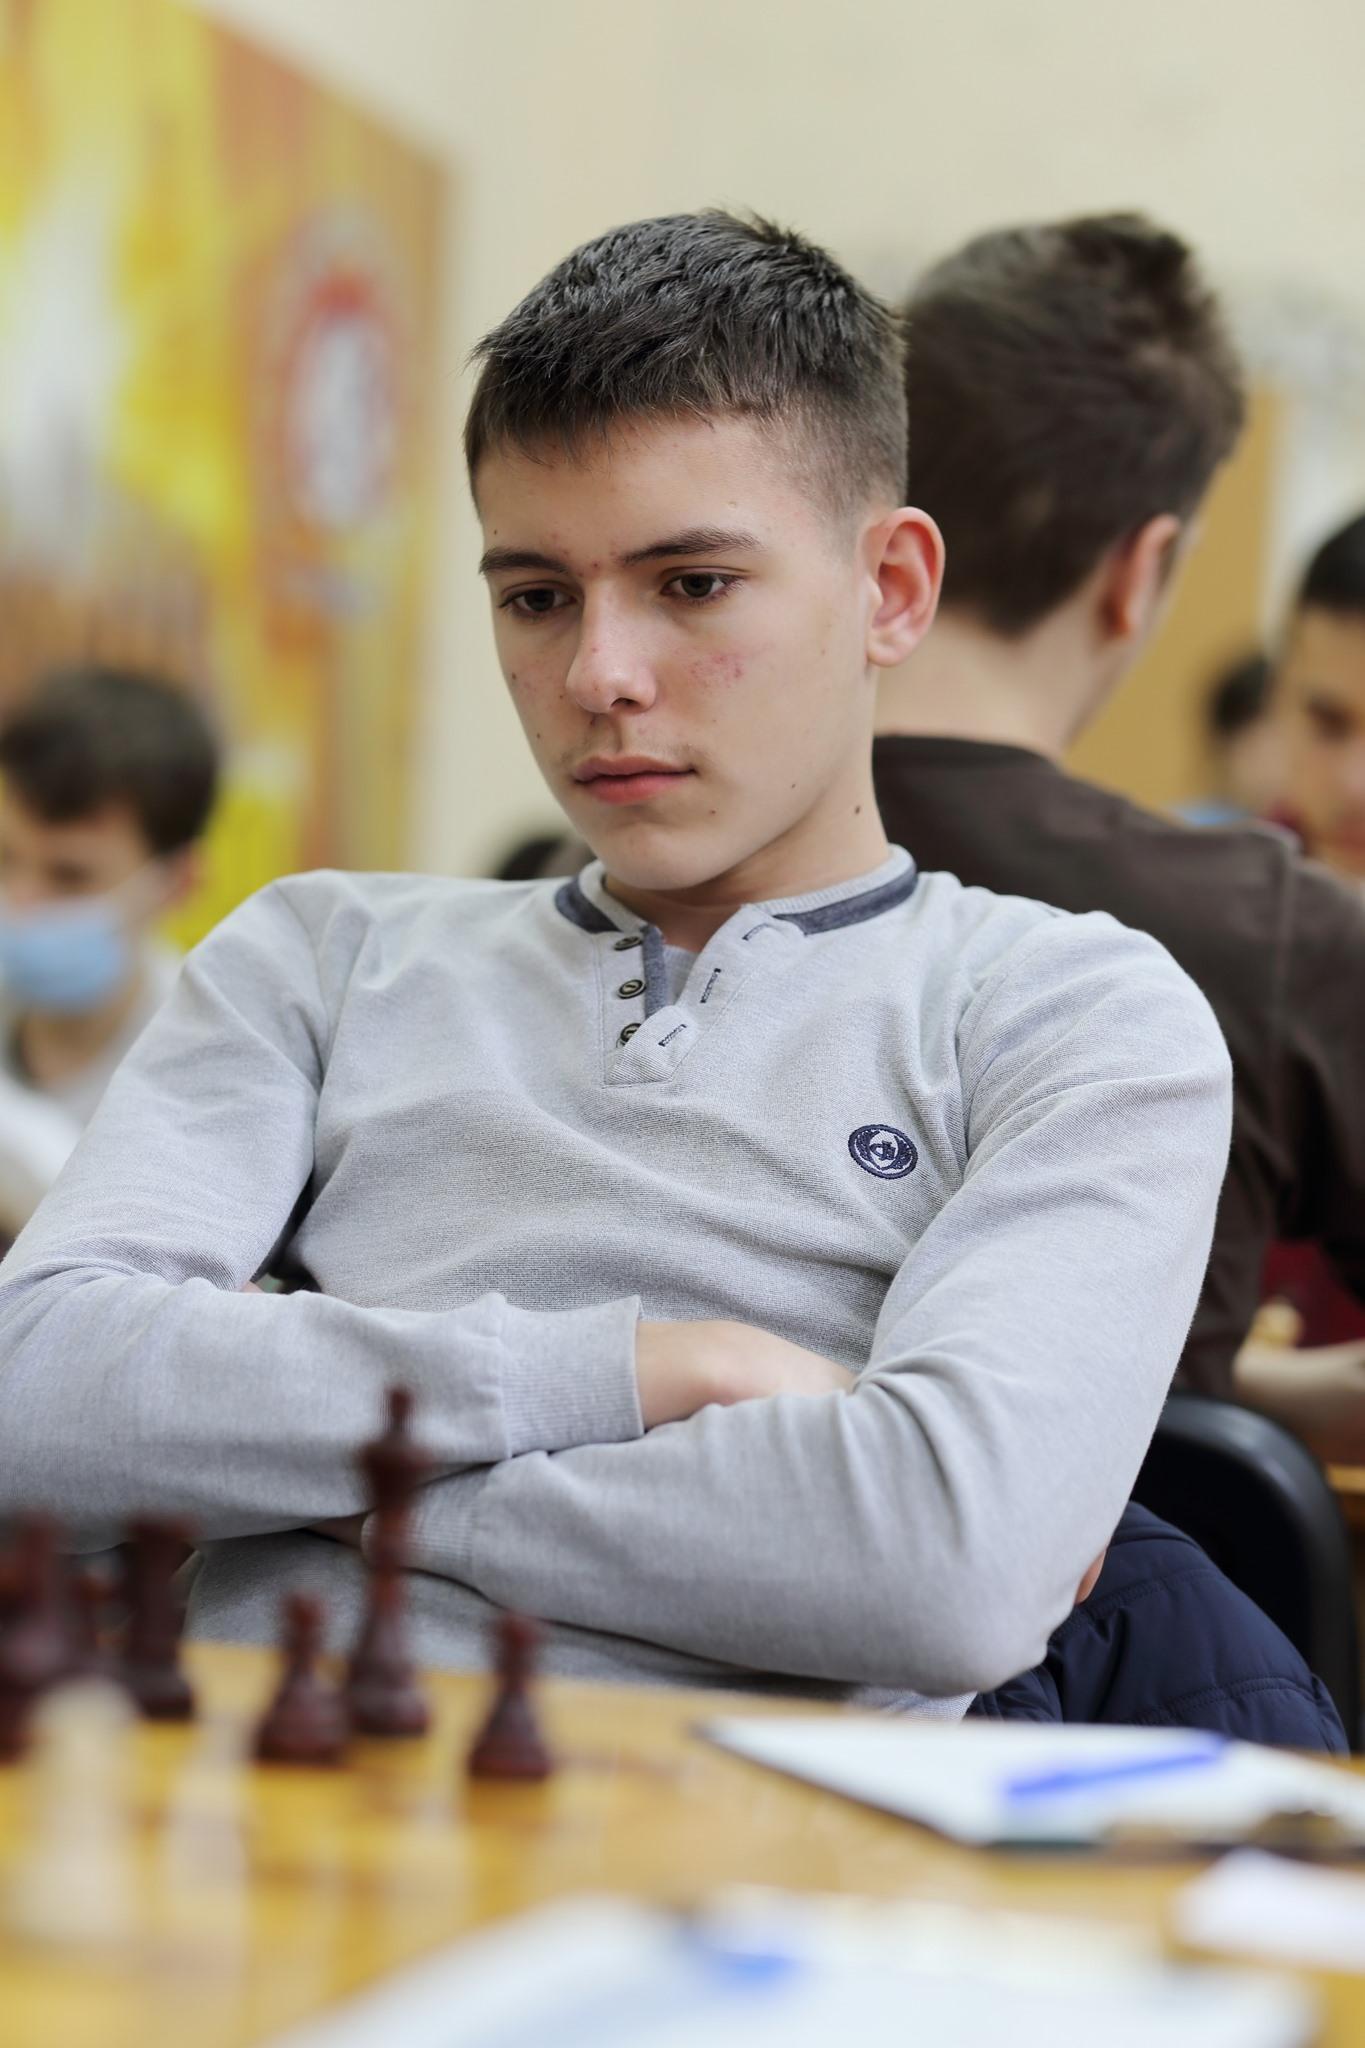 На чемпіонаті України з шахів до 14 років, який триває у Херсоні, визначились переможці з швидких шахів.